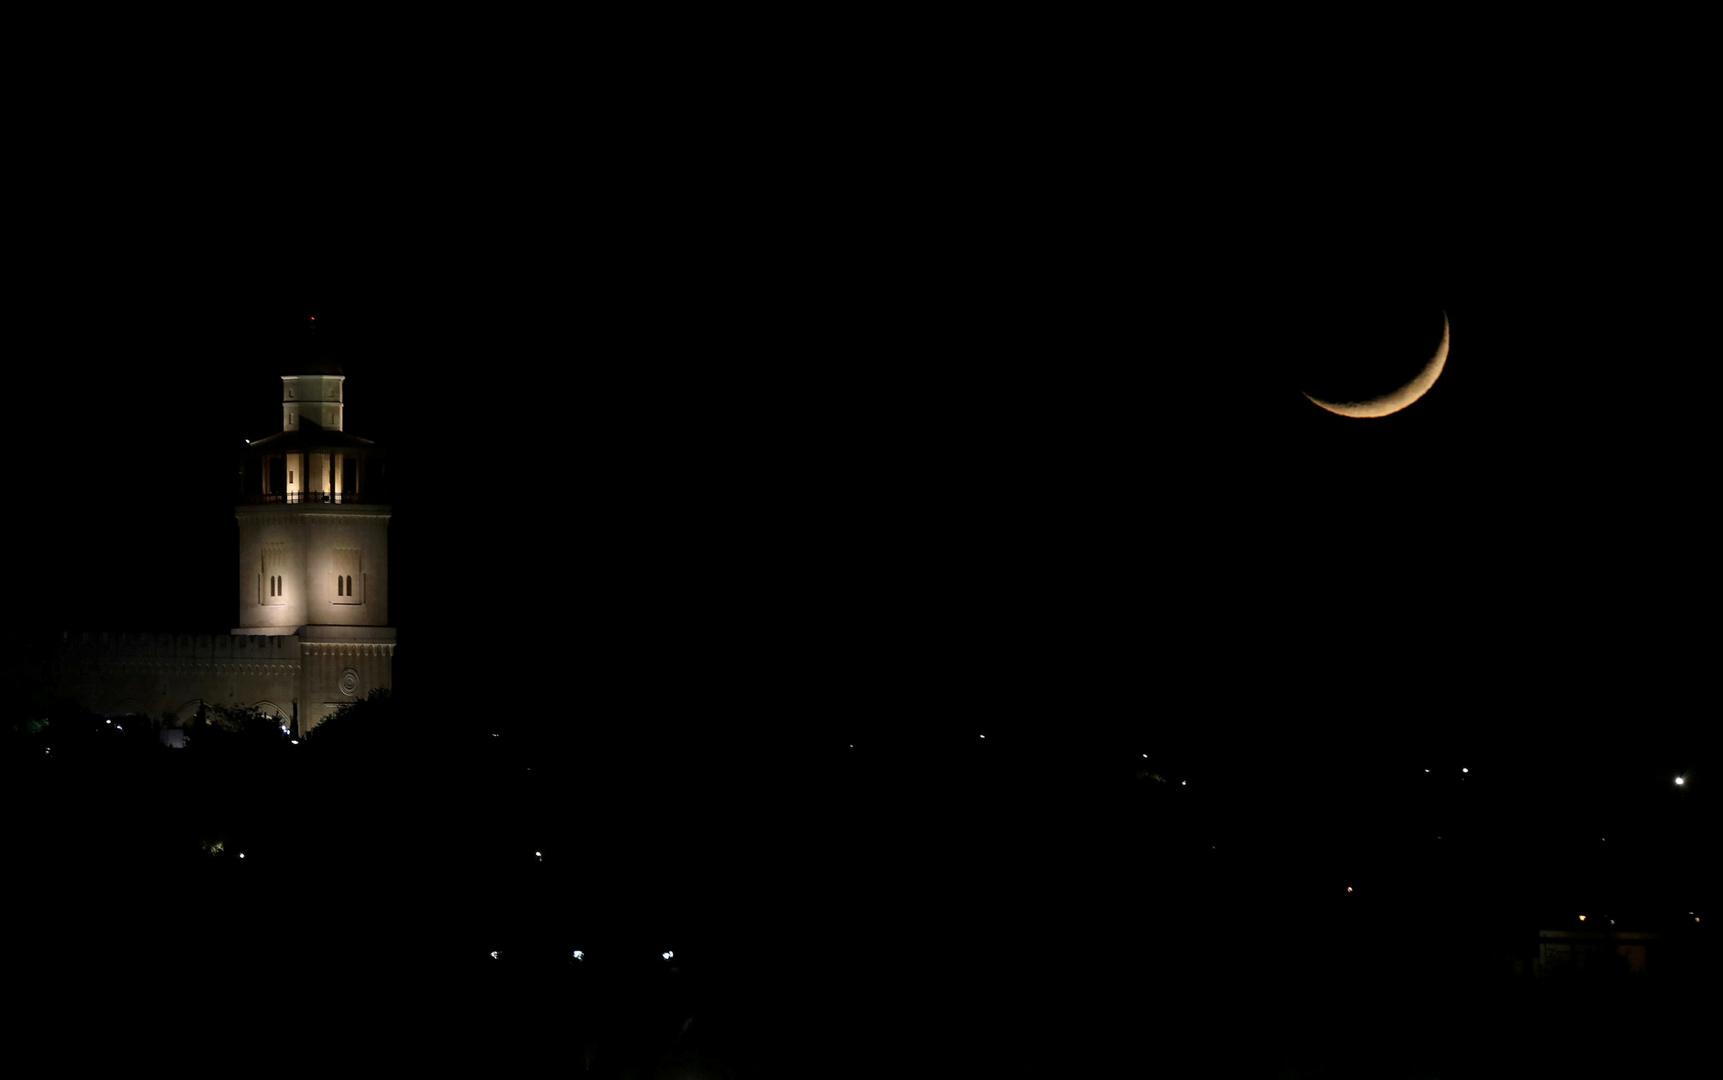 مصر.. البحوث الفلكية تكشف موعد انتهاء شهر رمضان وأول أيام عيد الفطر